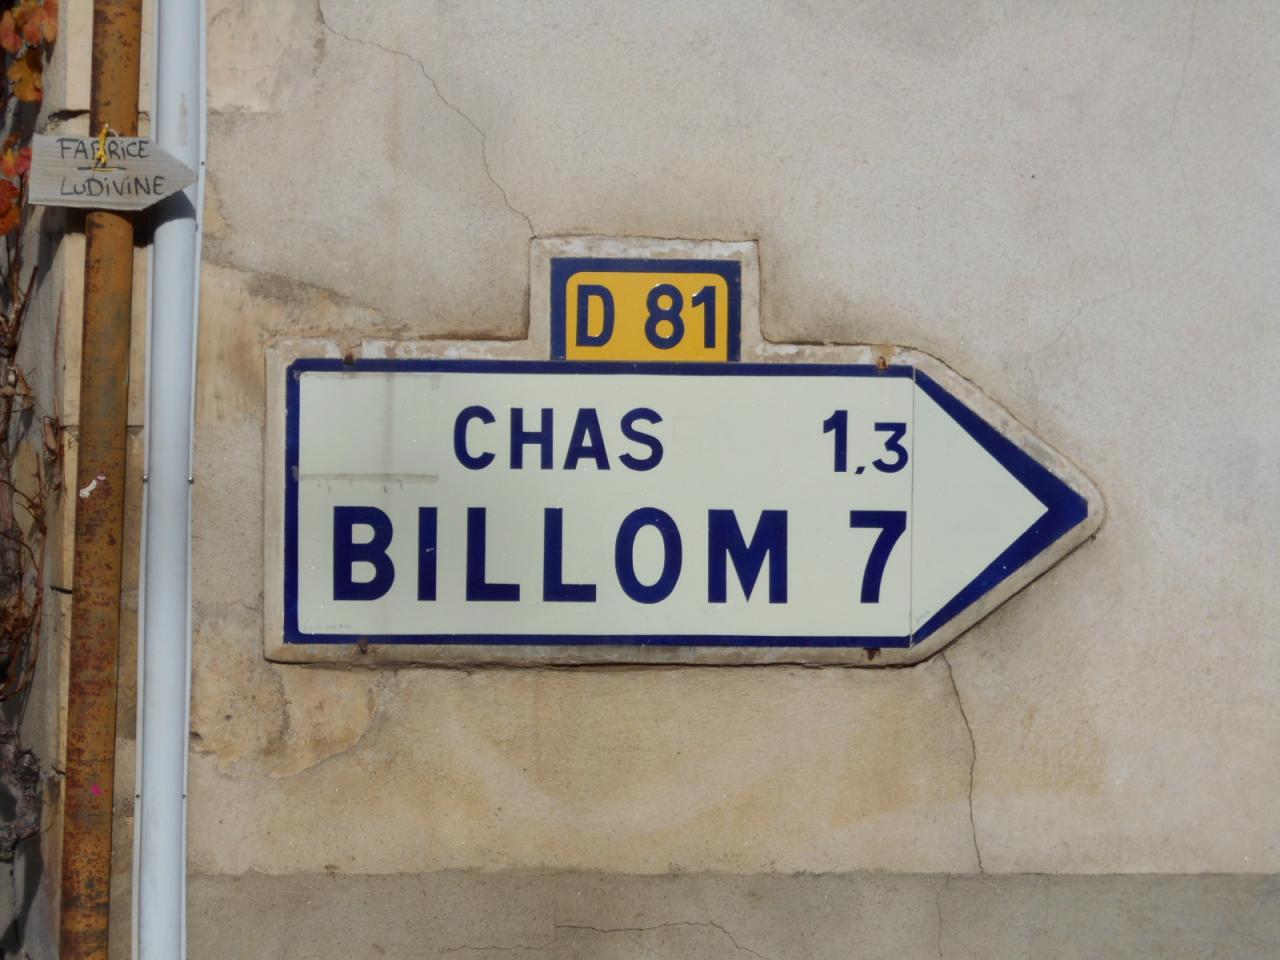 63117 Chauriat (9)